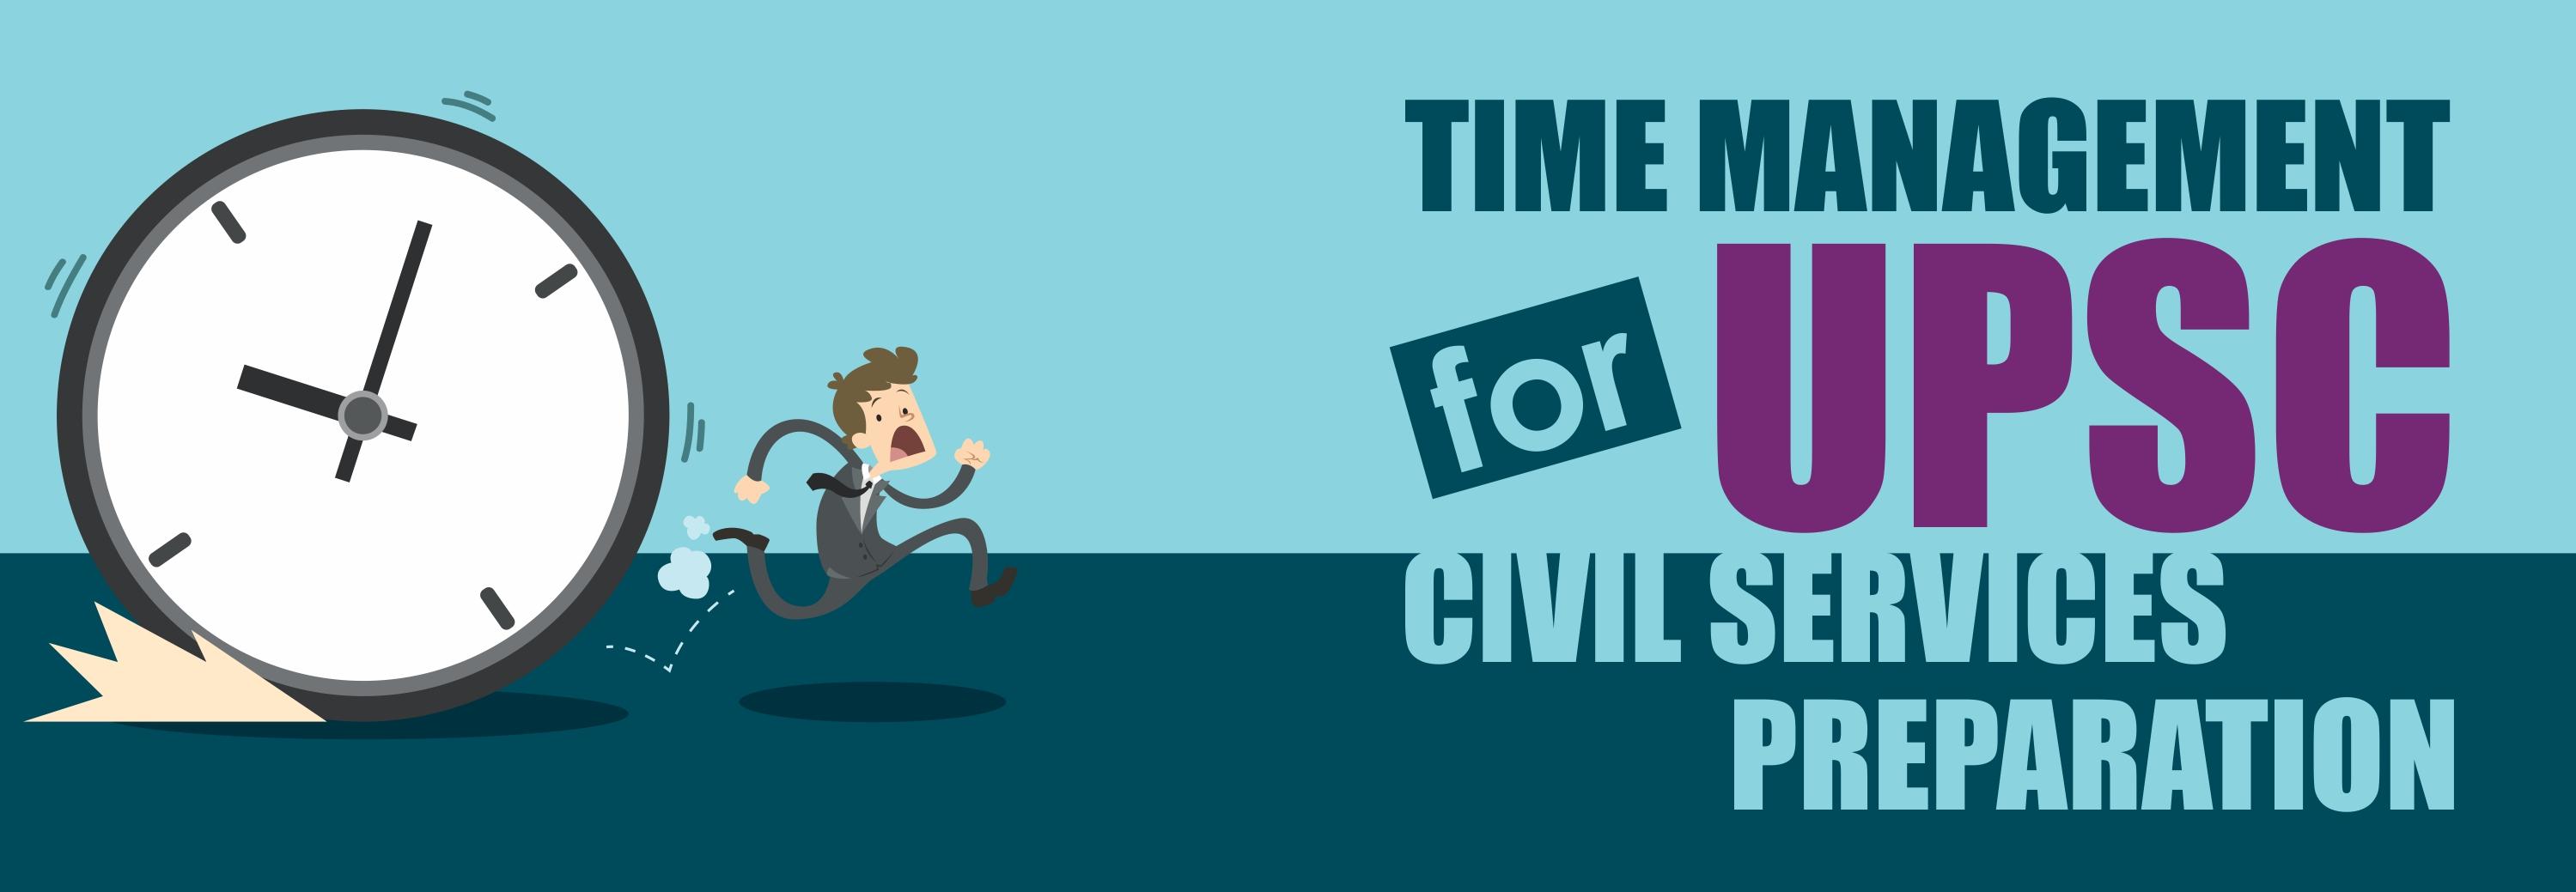 Time Management for UPSC Civil Services Preparation